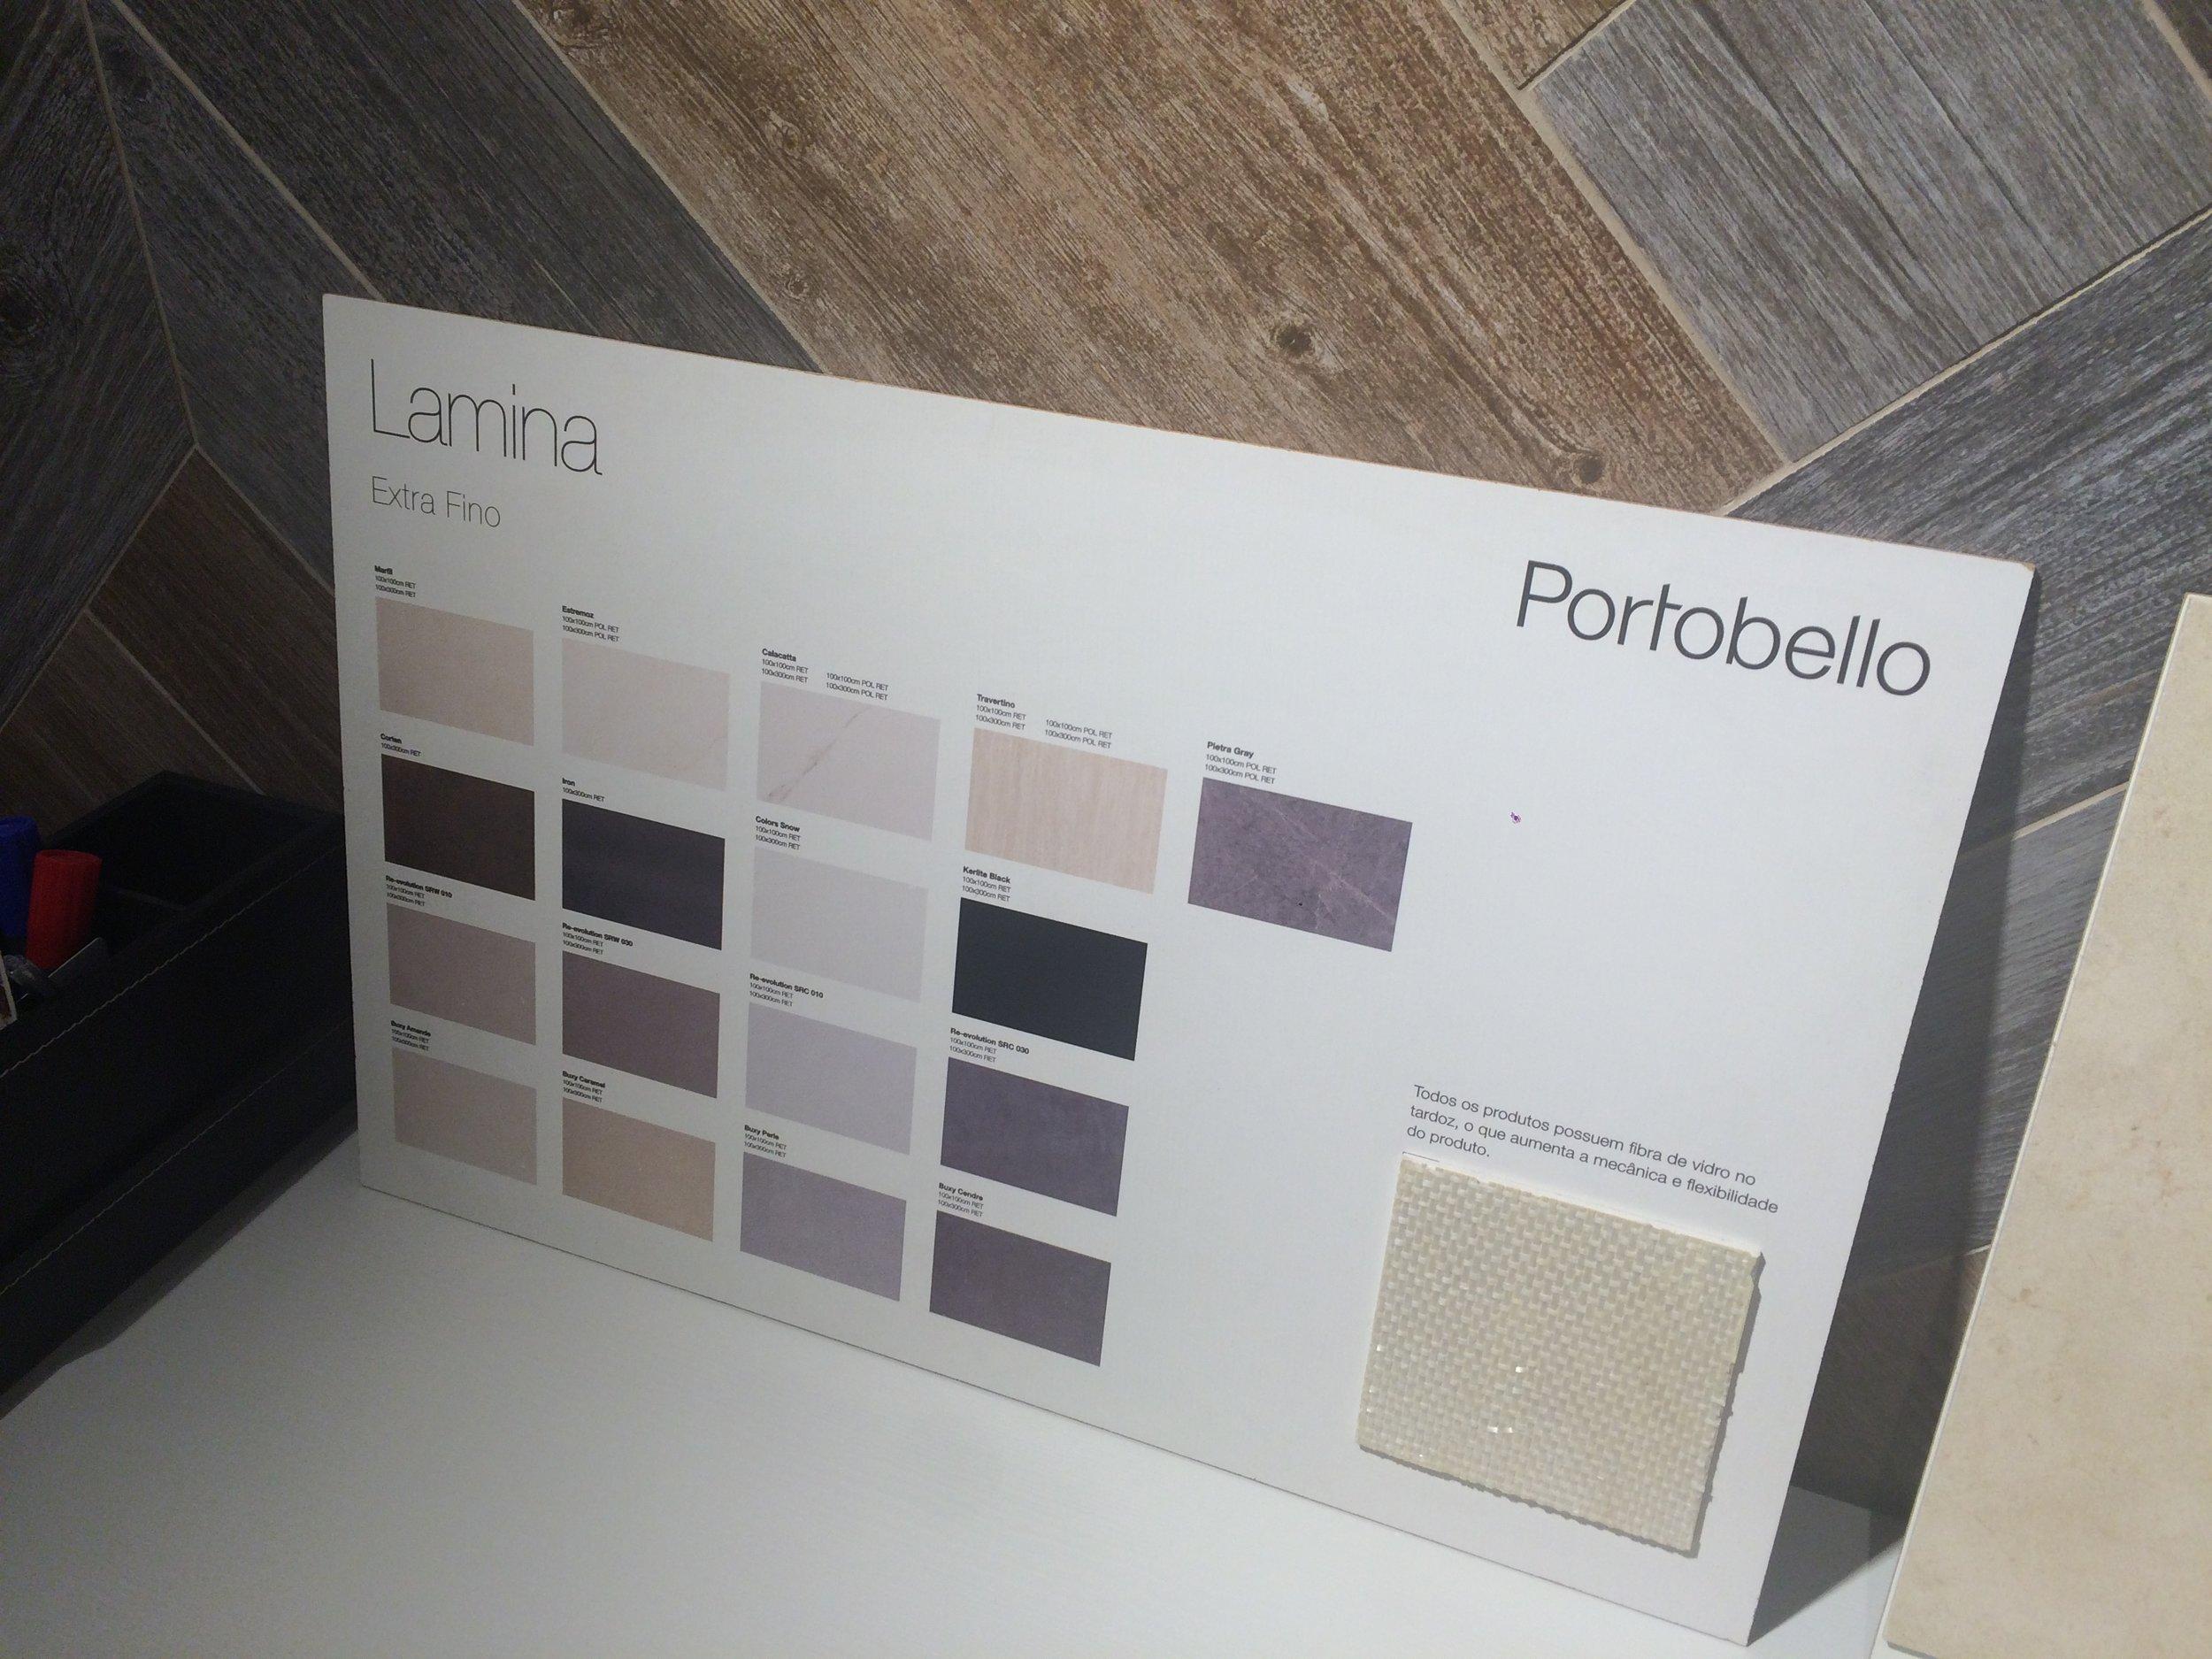 Foto 03: Catálogo do revestimento Lâmina - Portobello Shop  Fonte: Arquivo Madi Arquitetura & Design